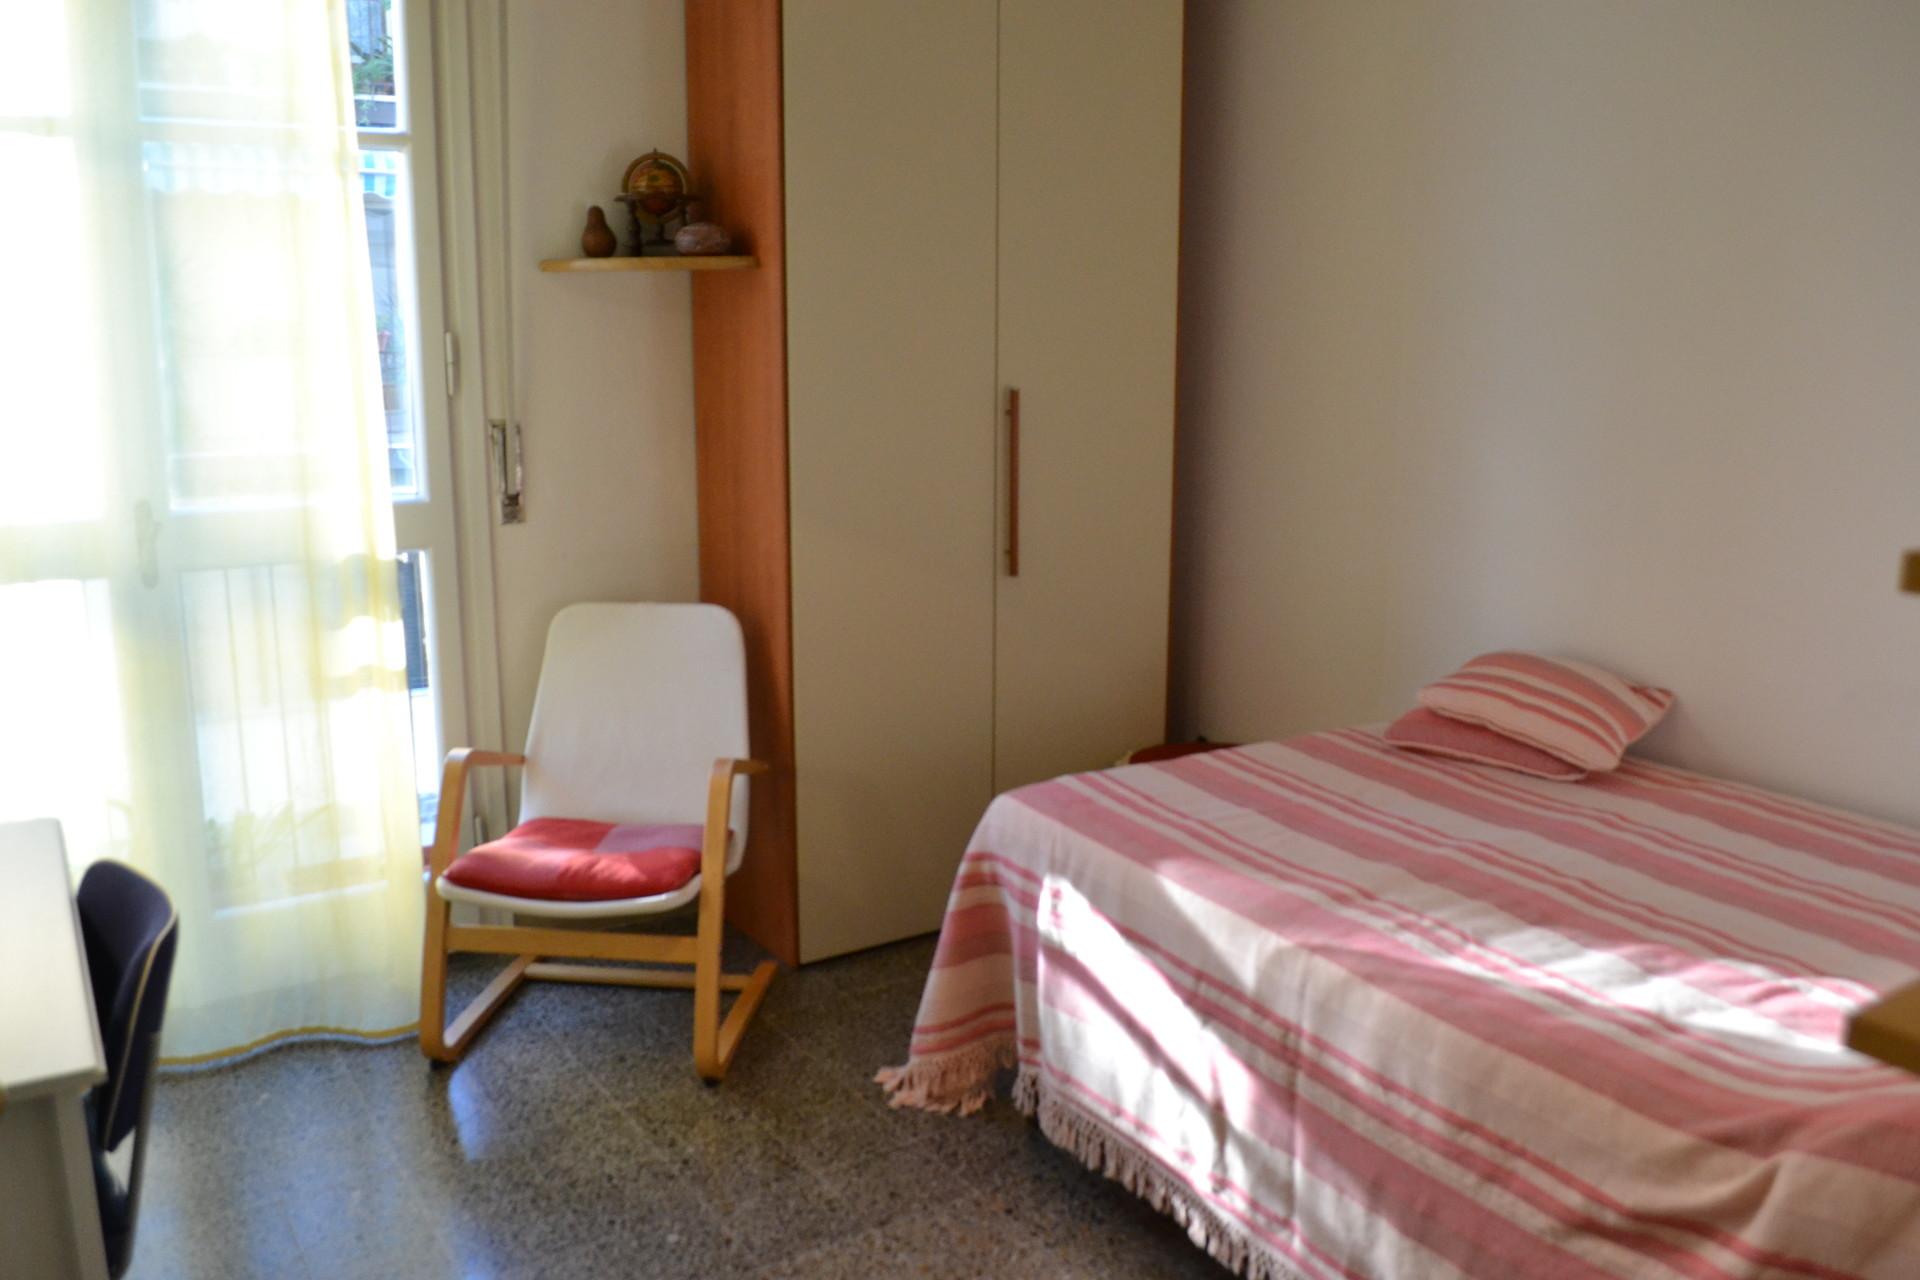 Il Parco Delle Camerette room in 1 bed apt at via arrigo boito, 33, 50144 firenze fi